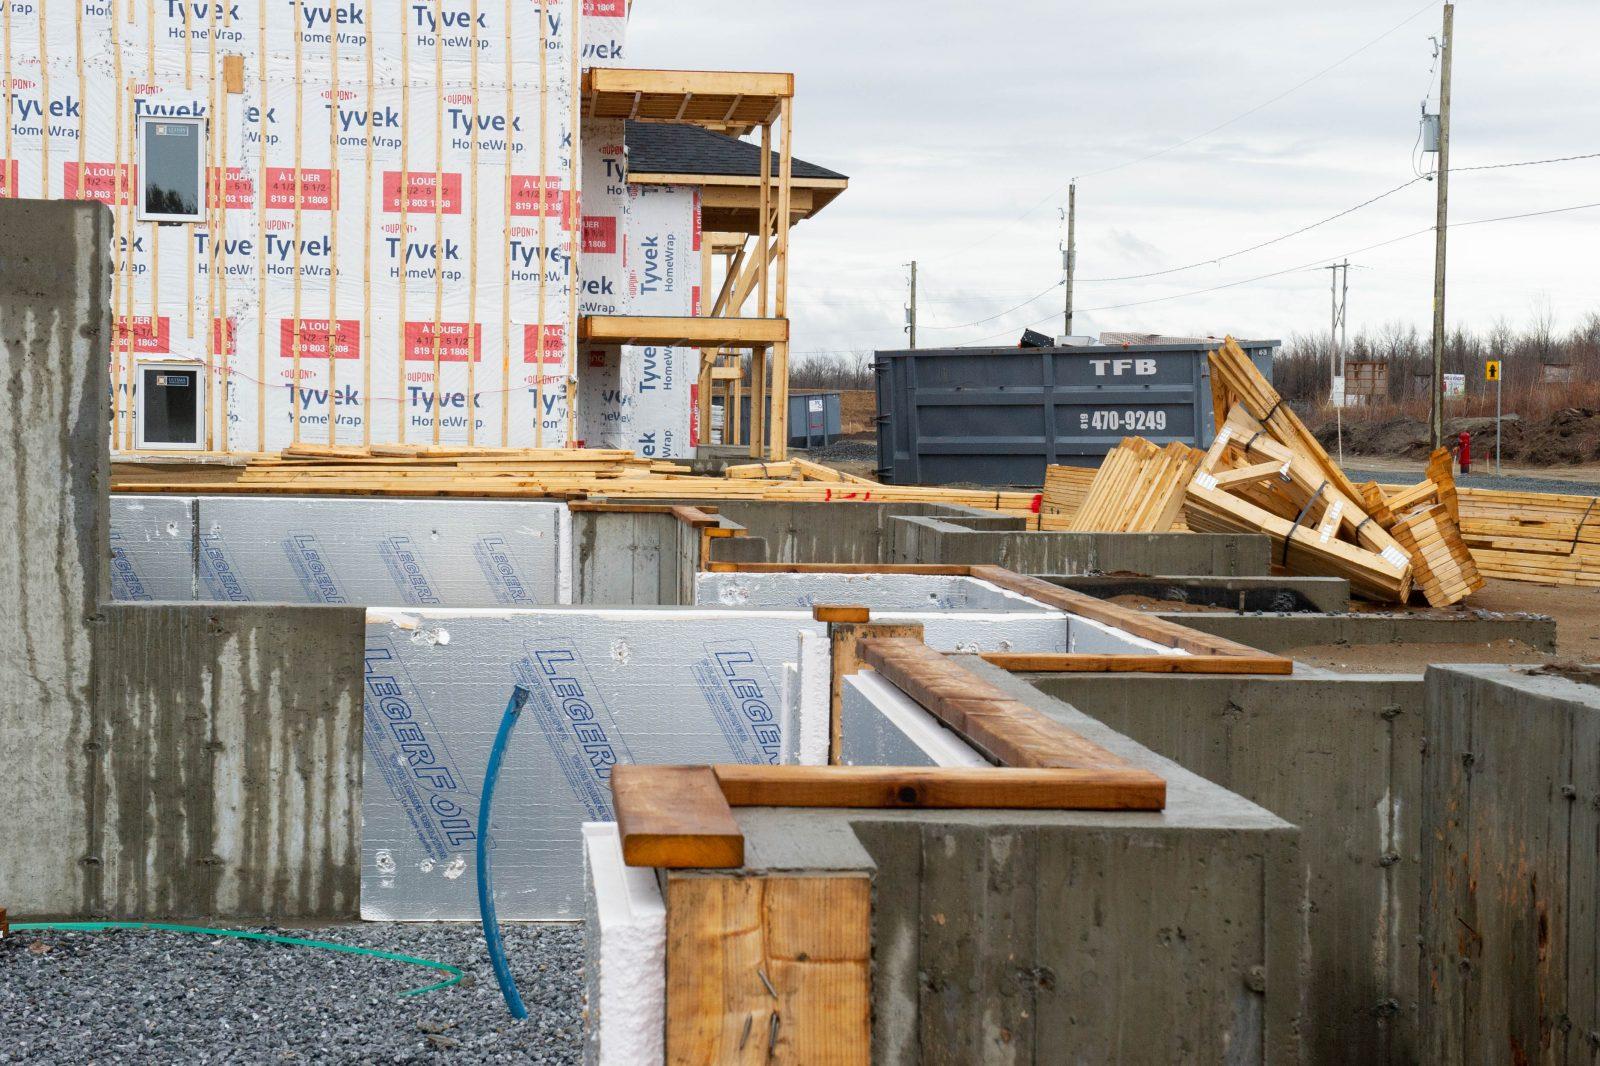 Des logements en chantier ne seront pas prêts pour le 1er juillet